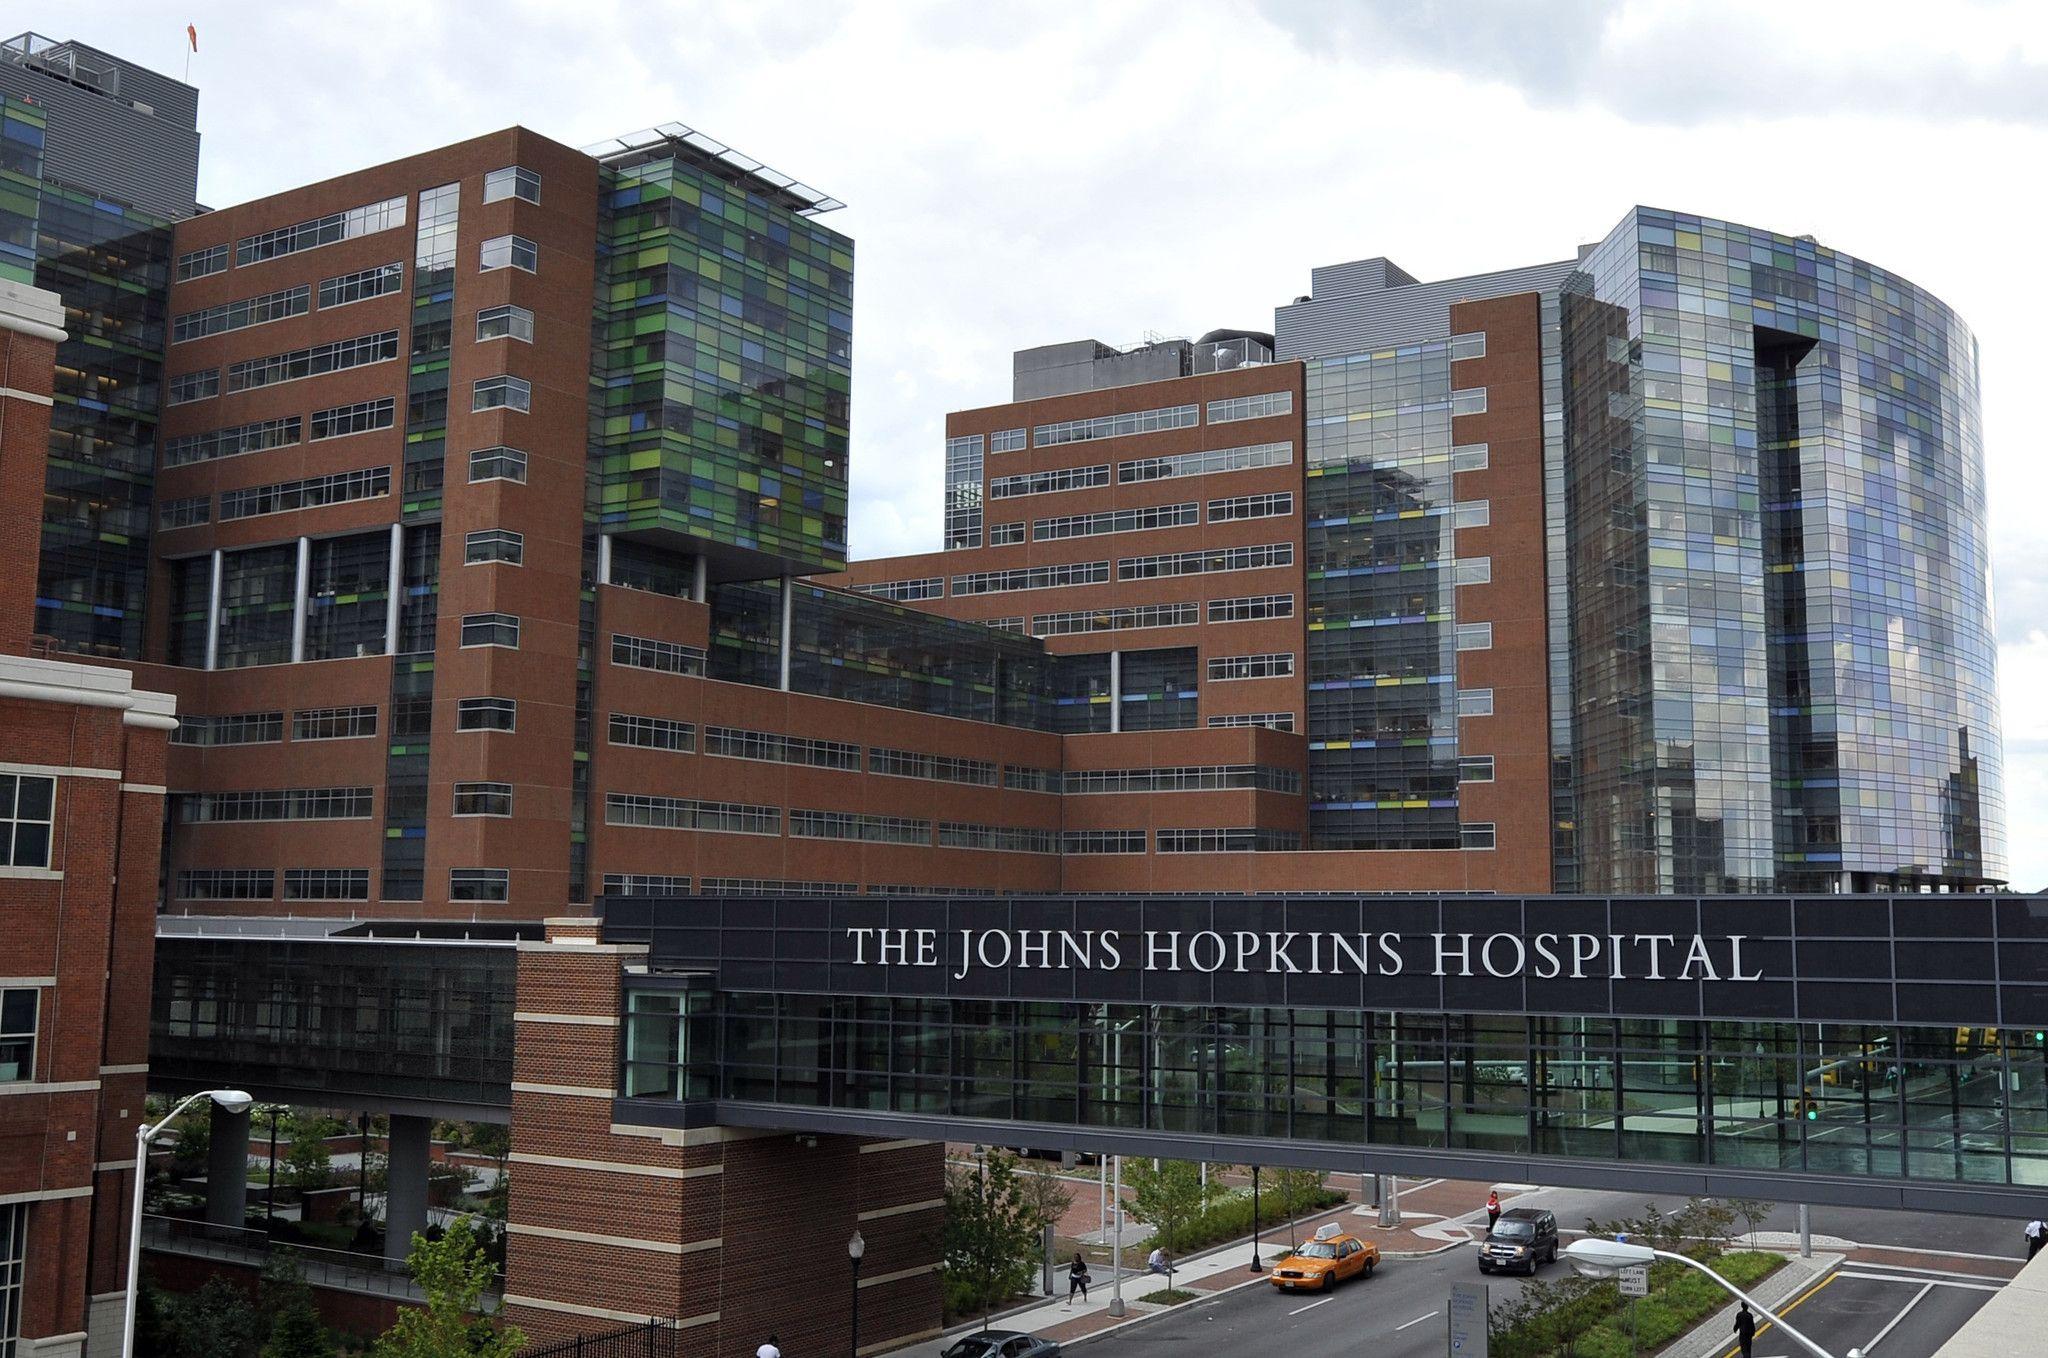 f731fb4596e0f7def96ea8c927b7187b - How To Get A Job At Johns Hopkins Hospital